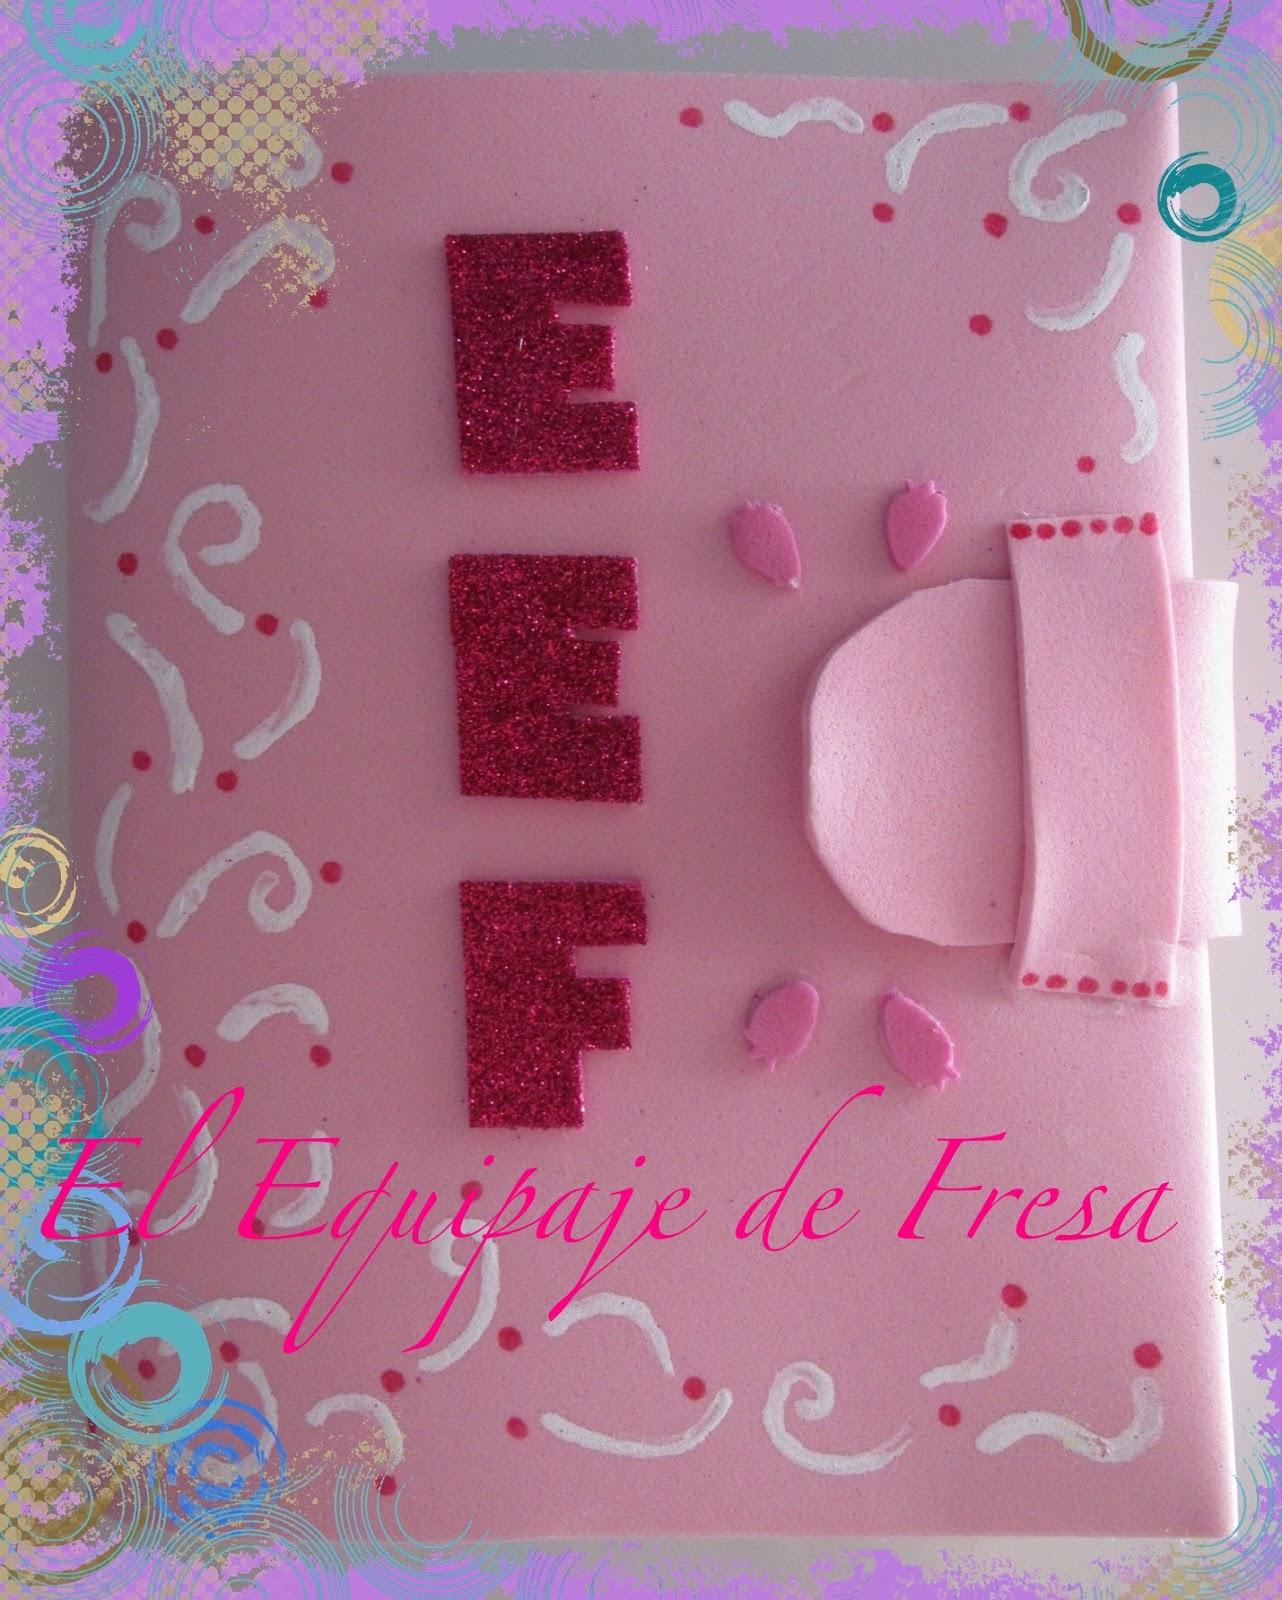 Modelos de cuadernos forrados en foami - Imagui